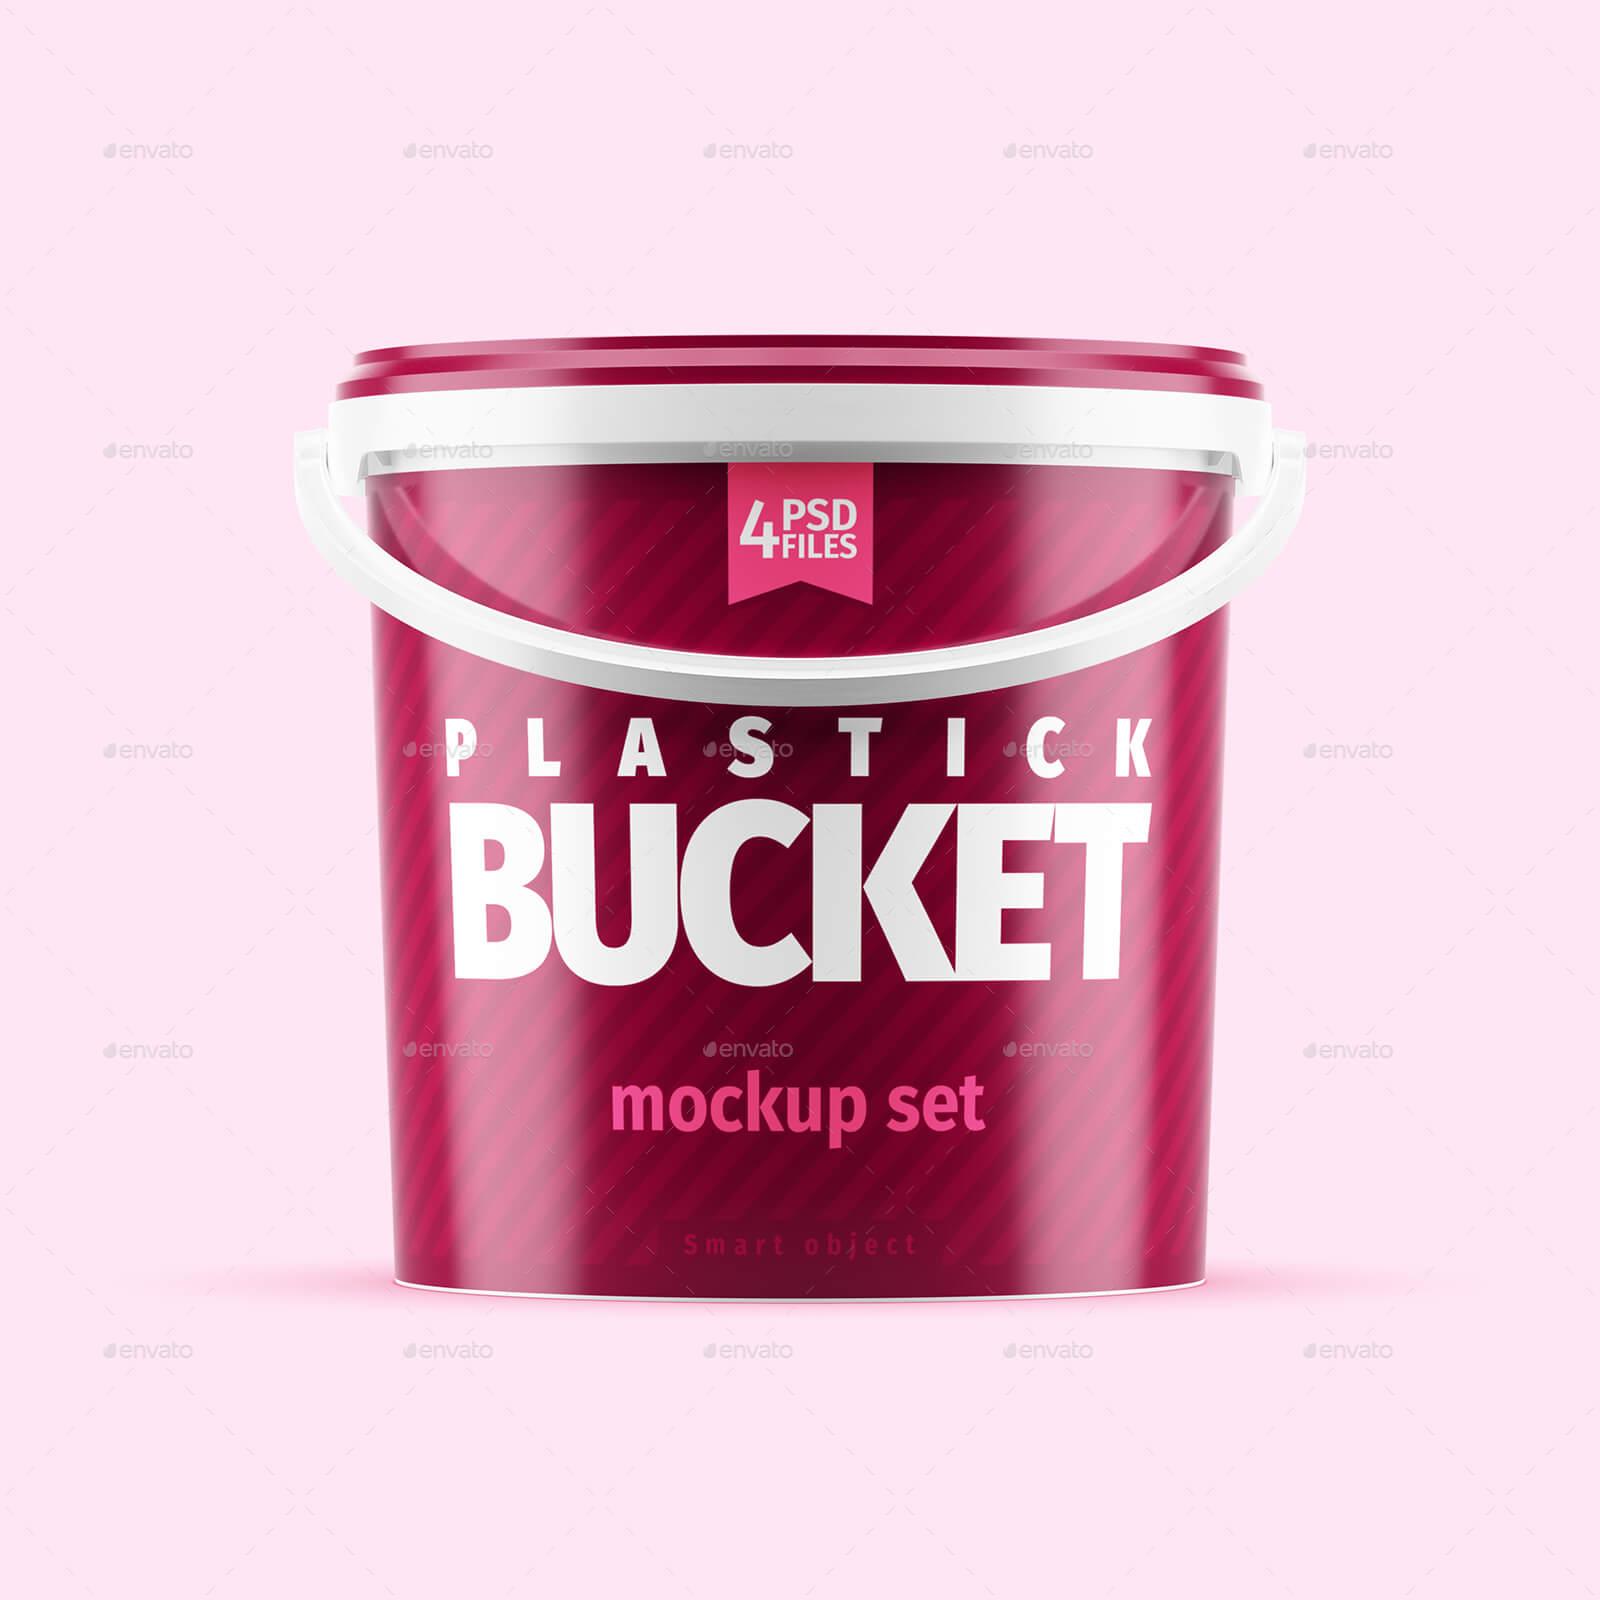 Plastic Bucket Mockup Set (1)